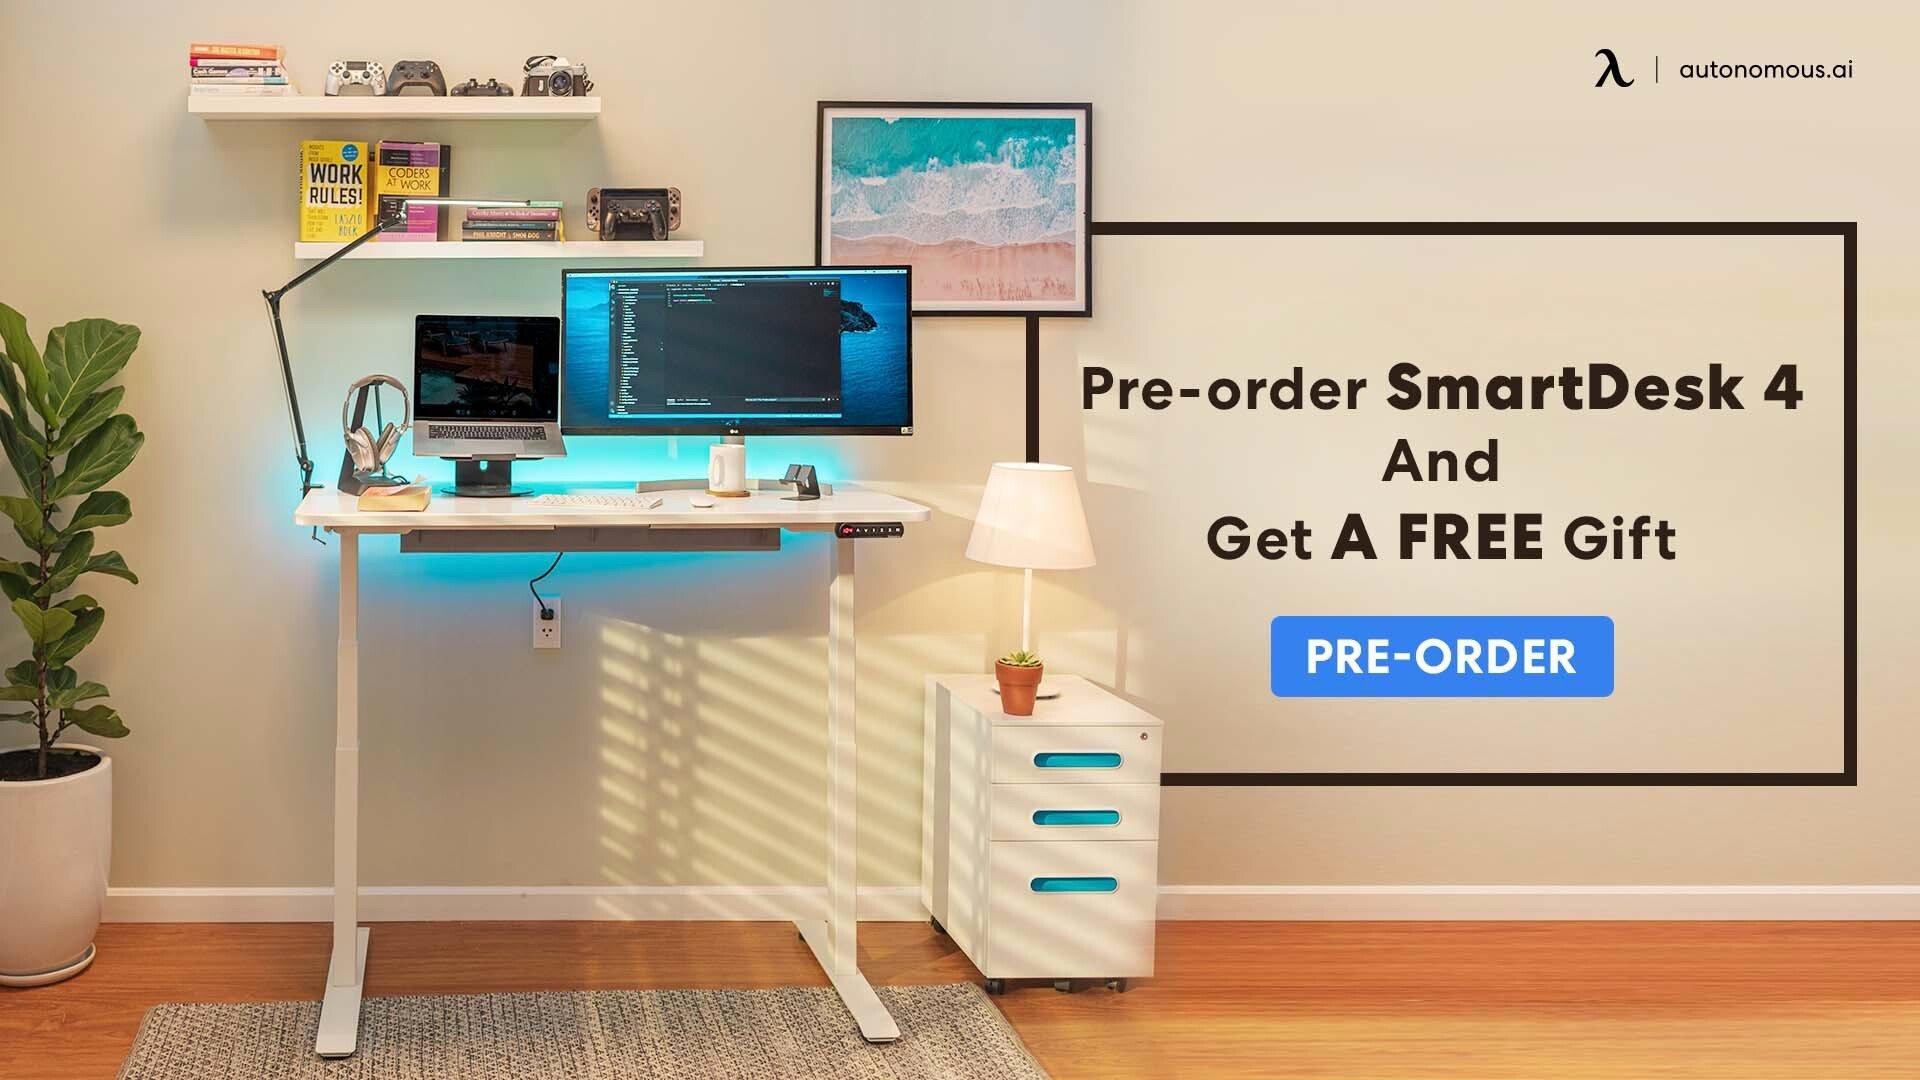 Pre-order SmartDesk 4 promotion